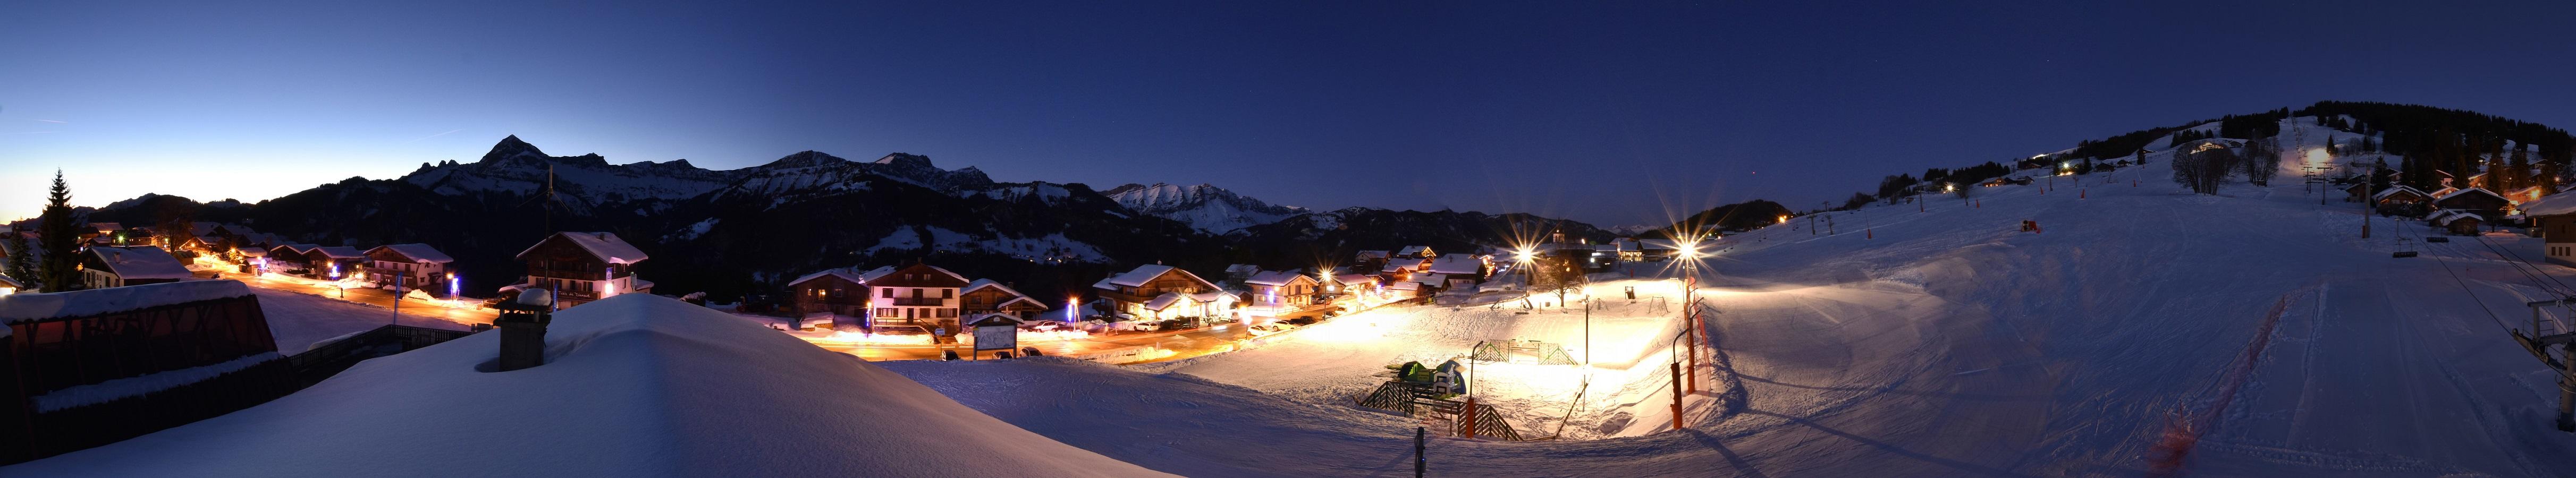 Le village de Crest-Voland illuminé et les Aravis : splendide !